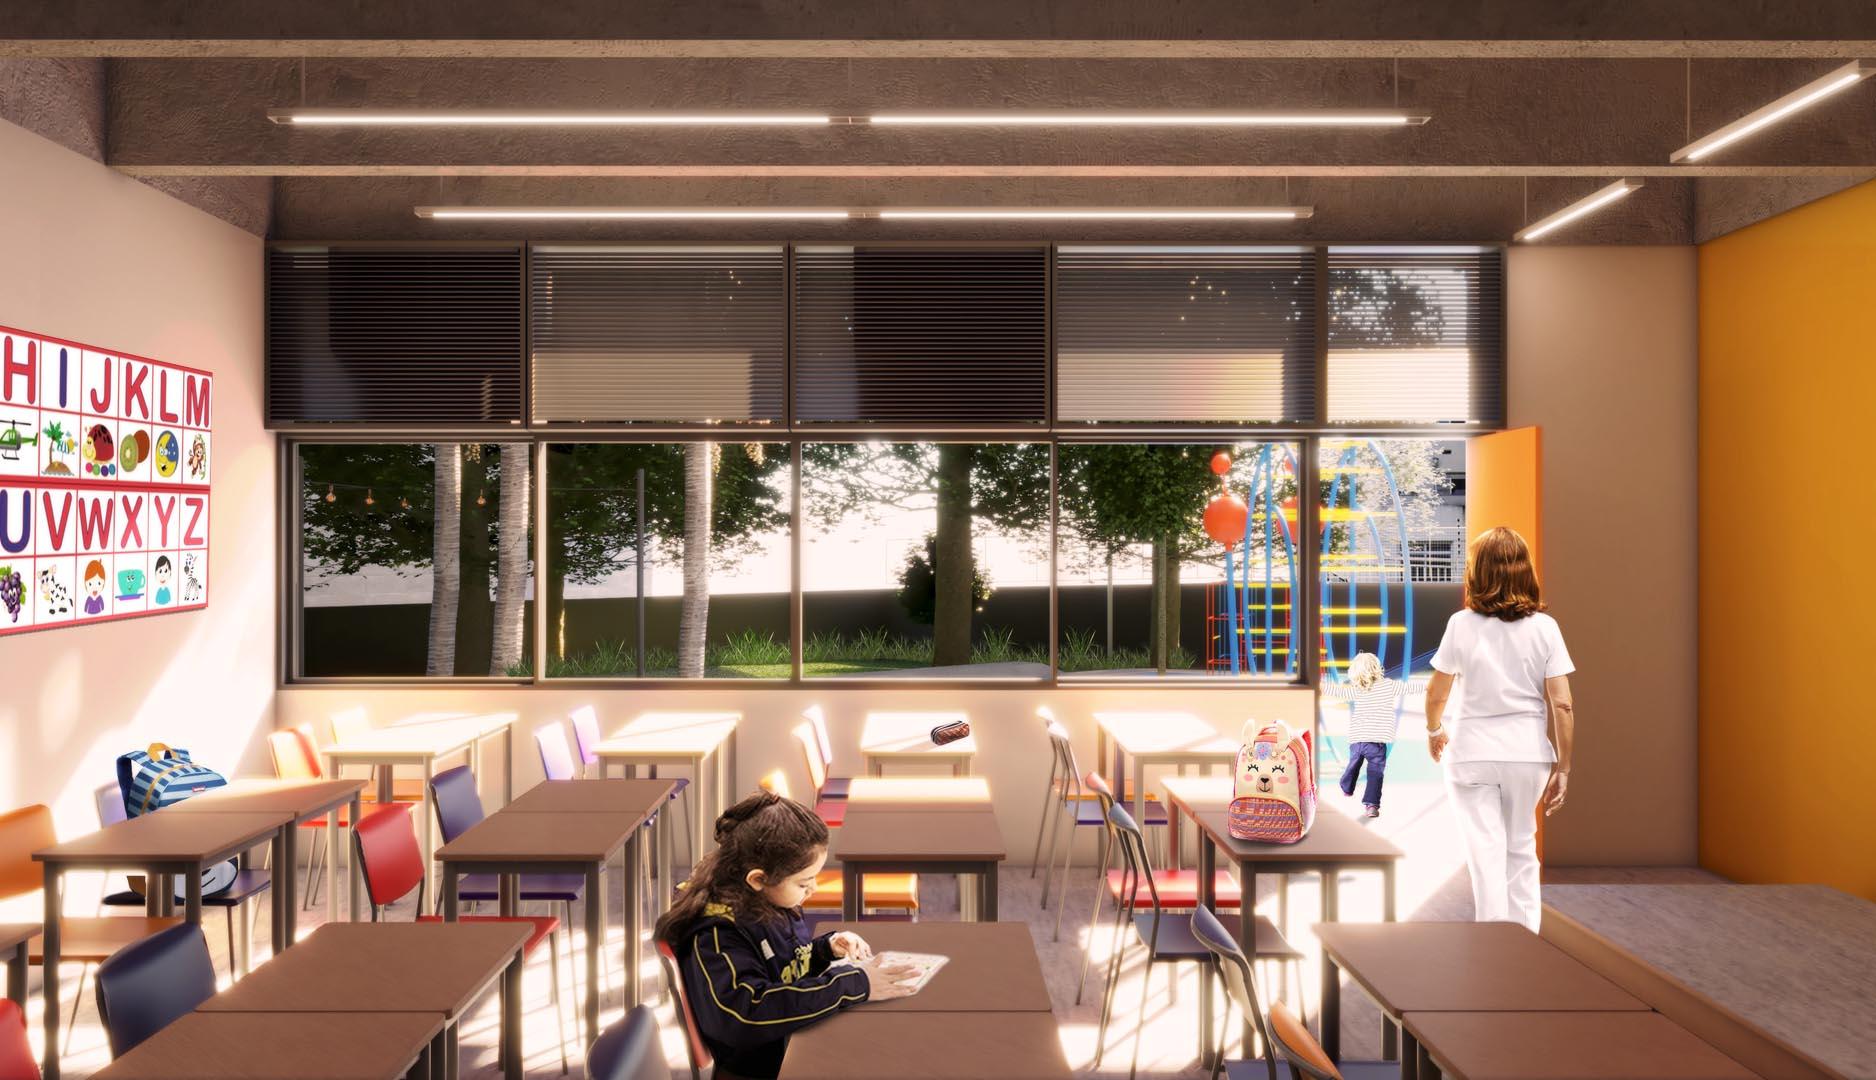 Sala da Educação Infantil - Nova unidade do Colégio Etapa